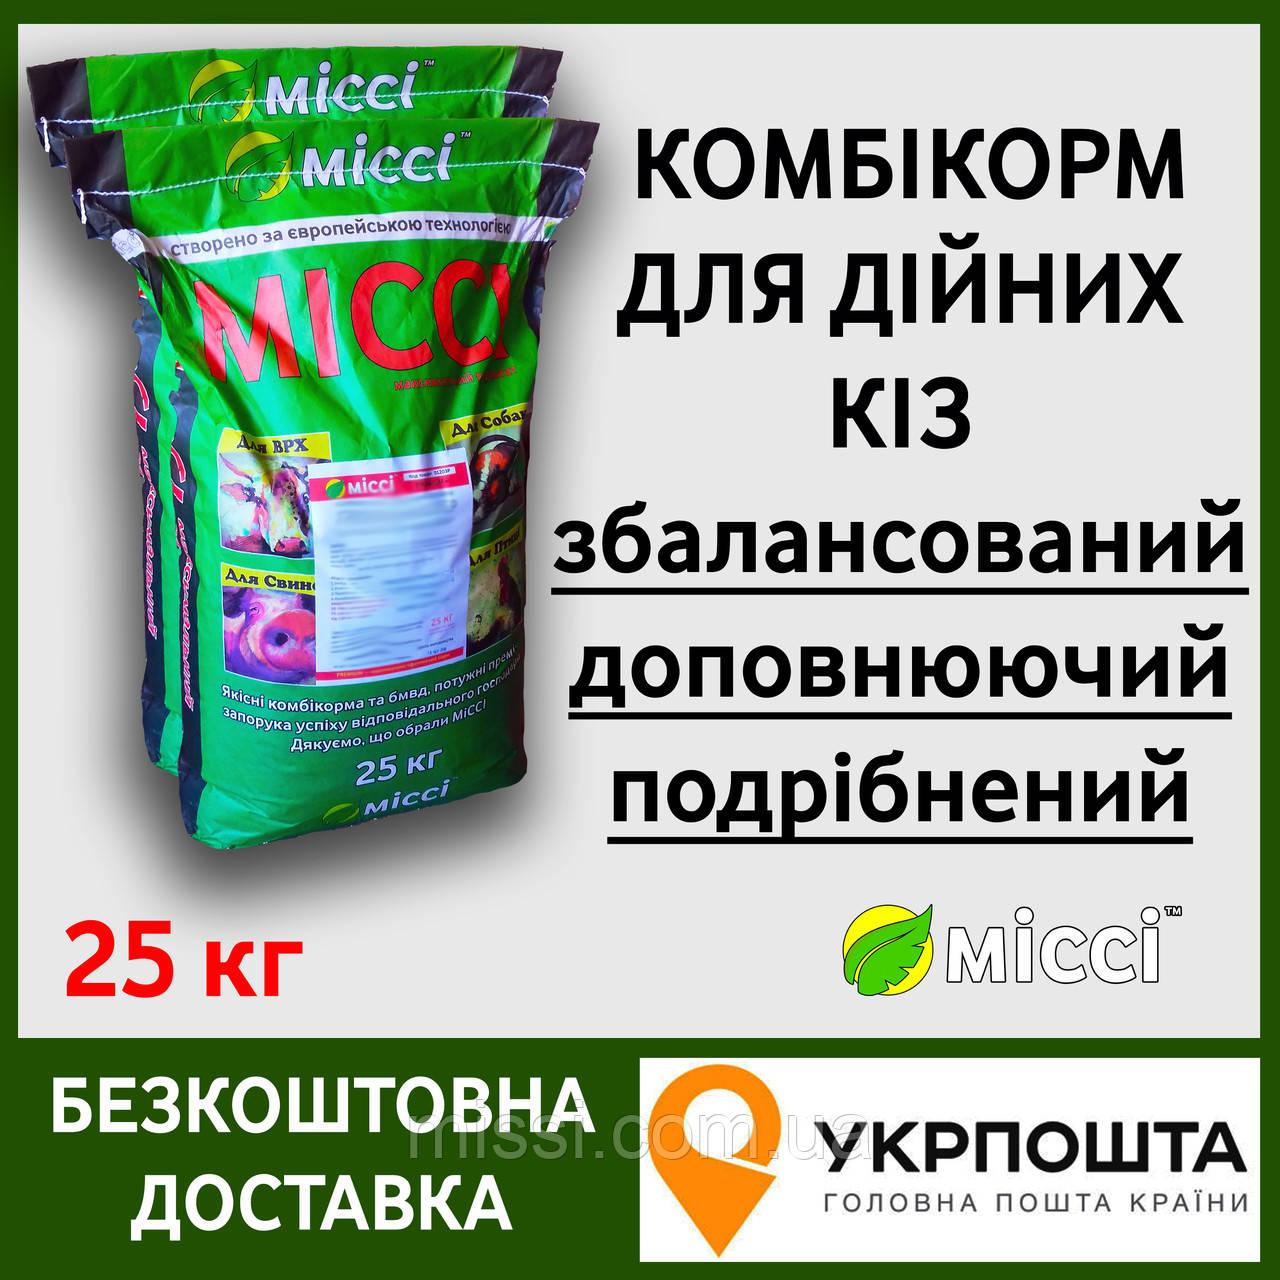 Комбікорм для Дійних кіз, доповнюючий, Міссі, 25 кг